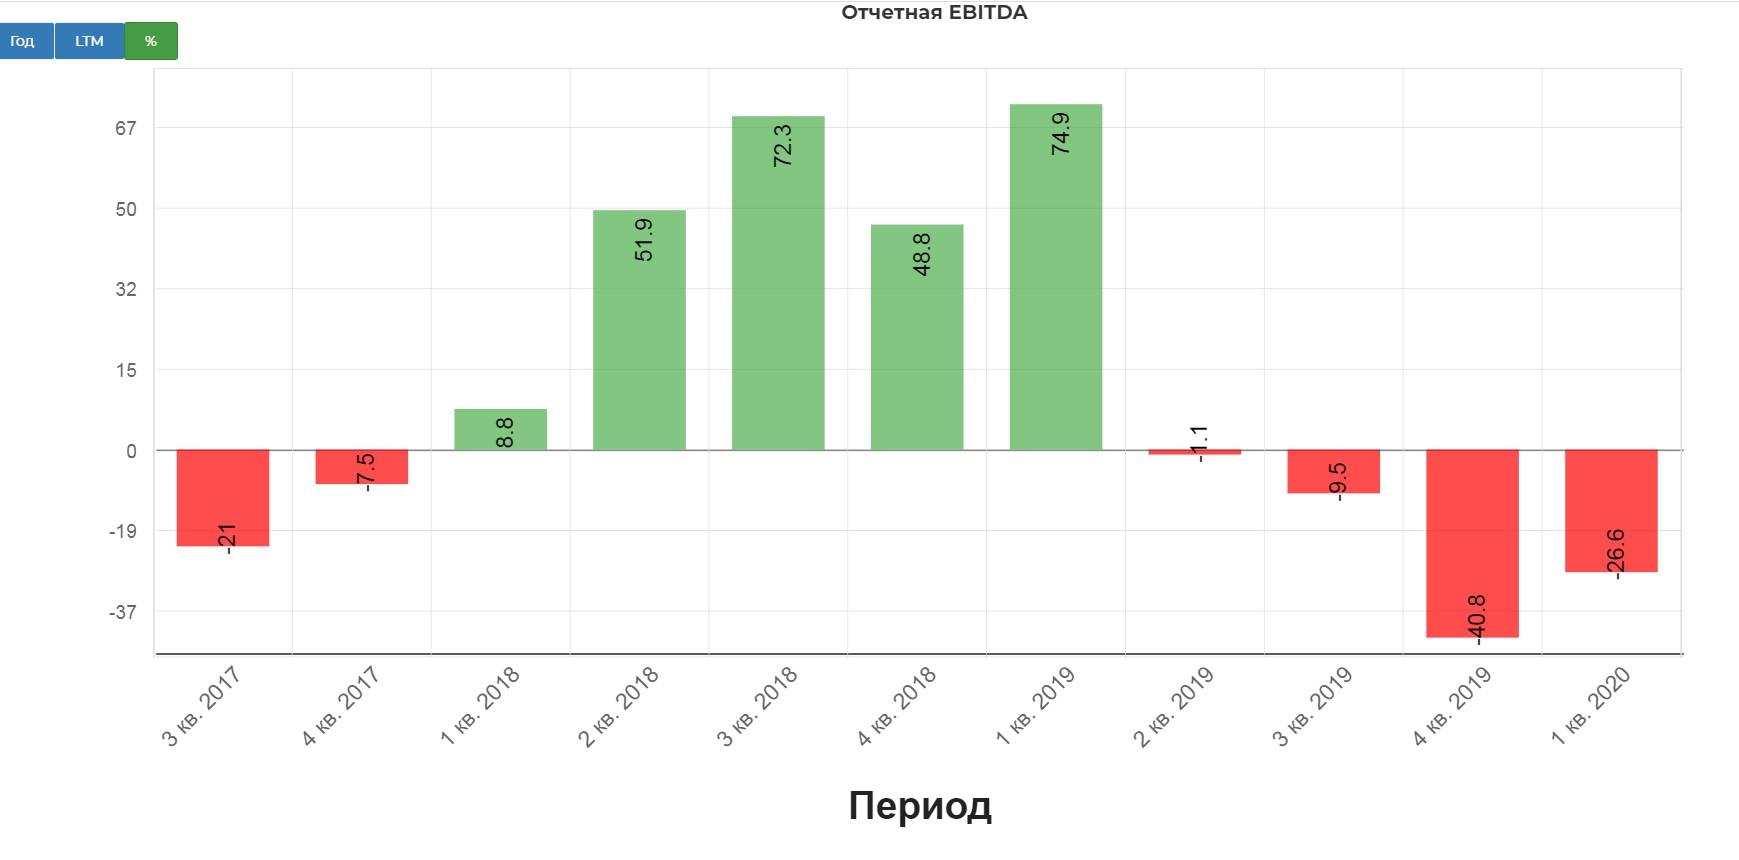 Фосагро. Обзор финансовых показателей по МСФО за 1-й квартал 2020 года.